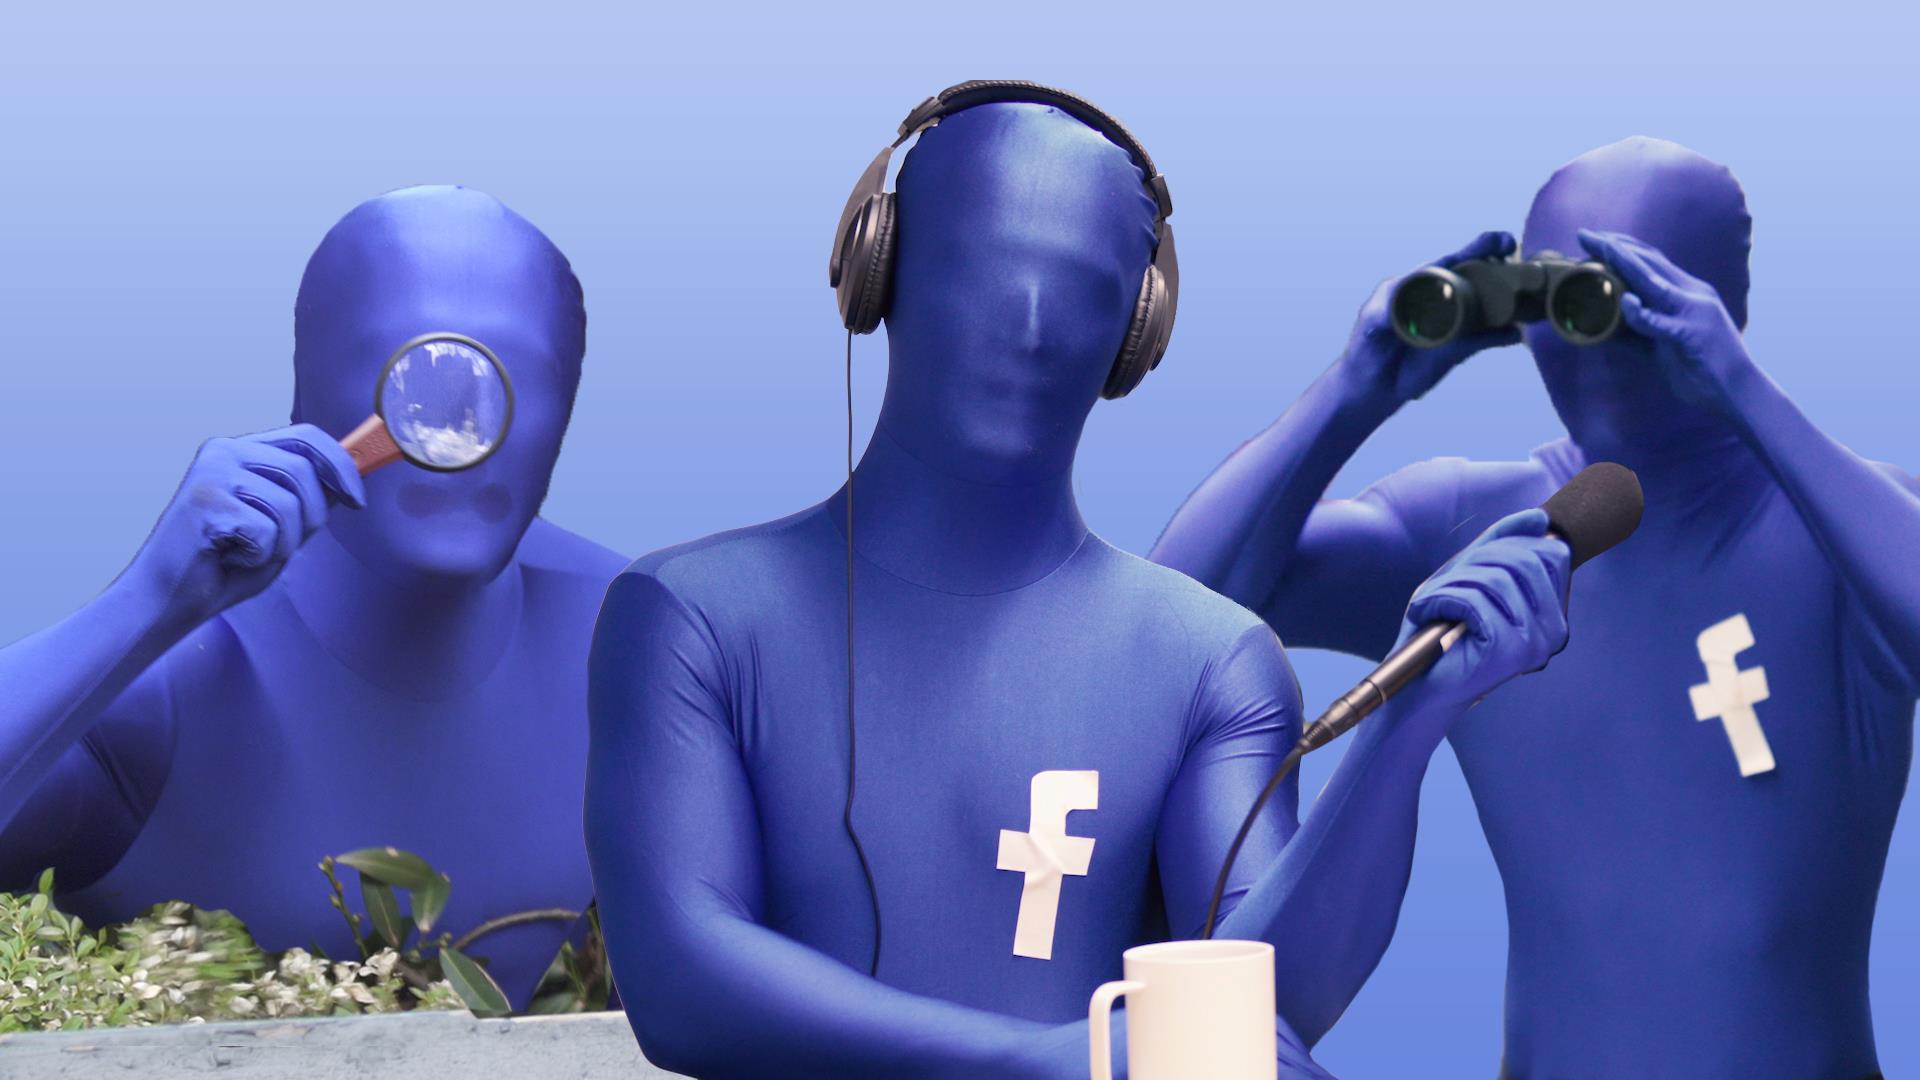 Цукерберг объявил о новшествах всоцсети— Реклама в социальная сеть Facebook